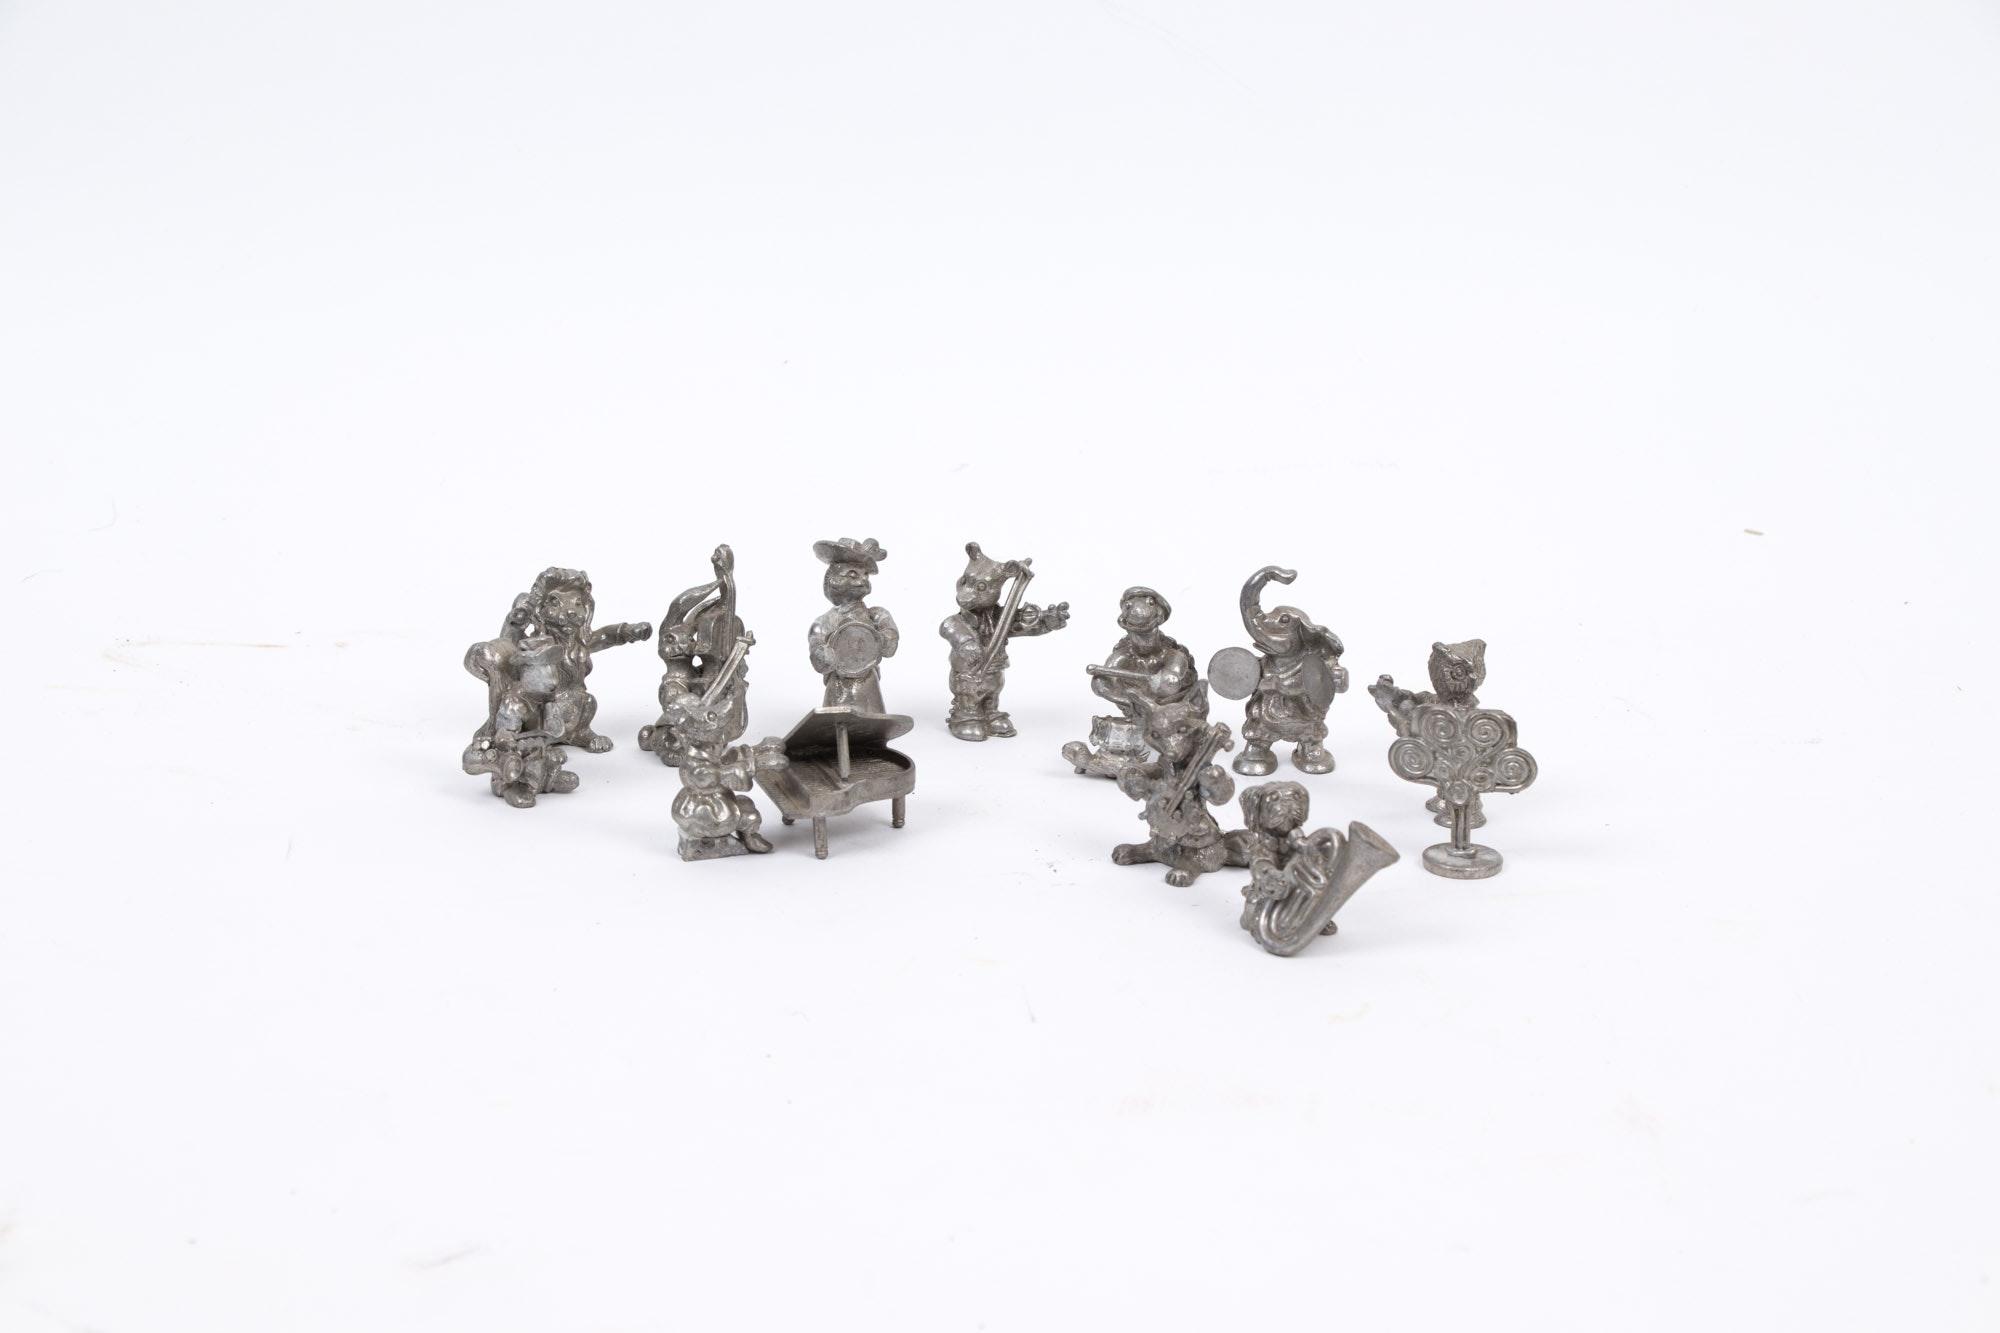 Pewter Animal Figurines